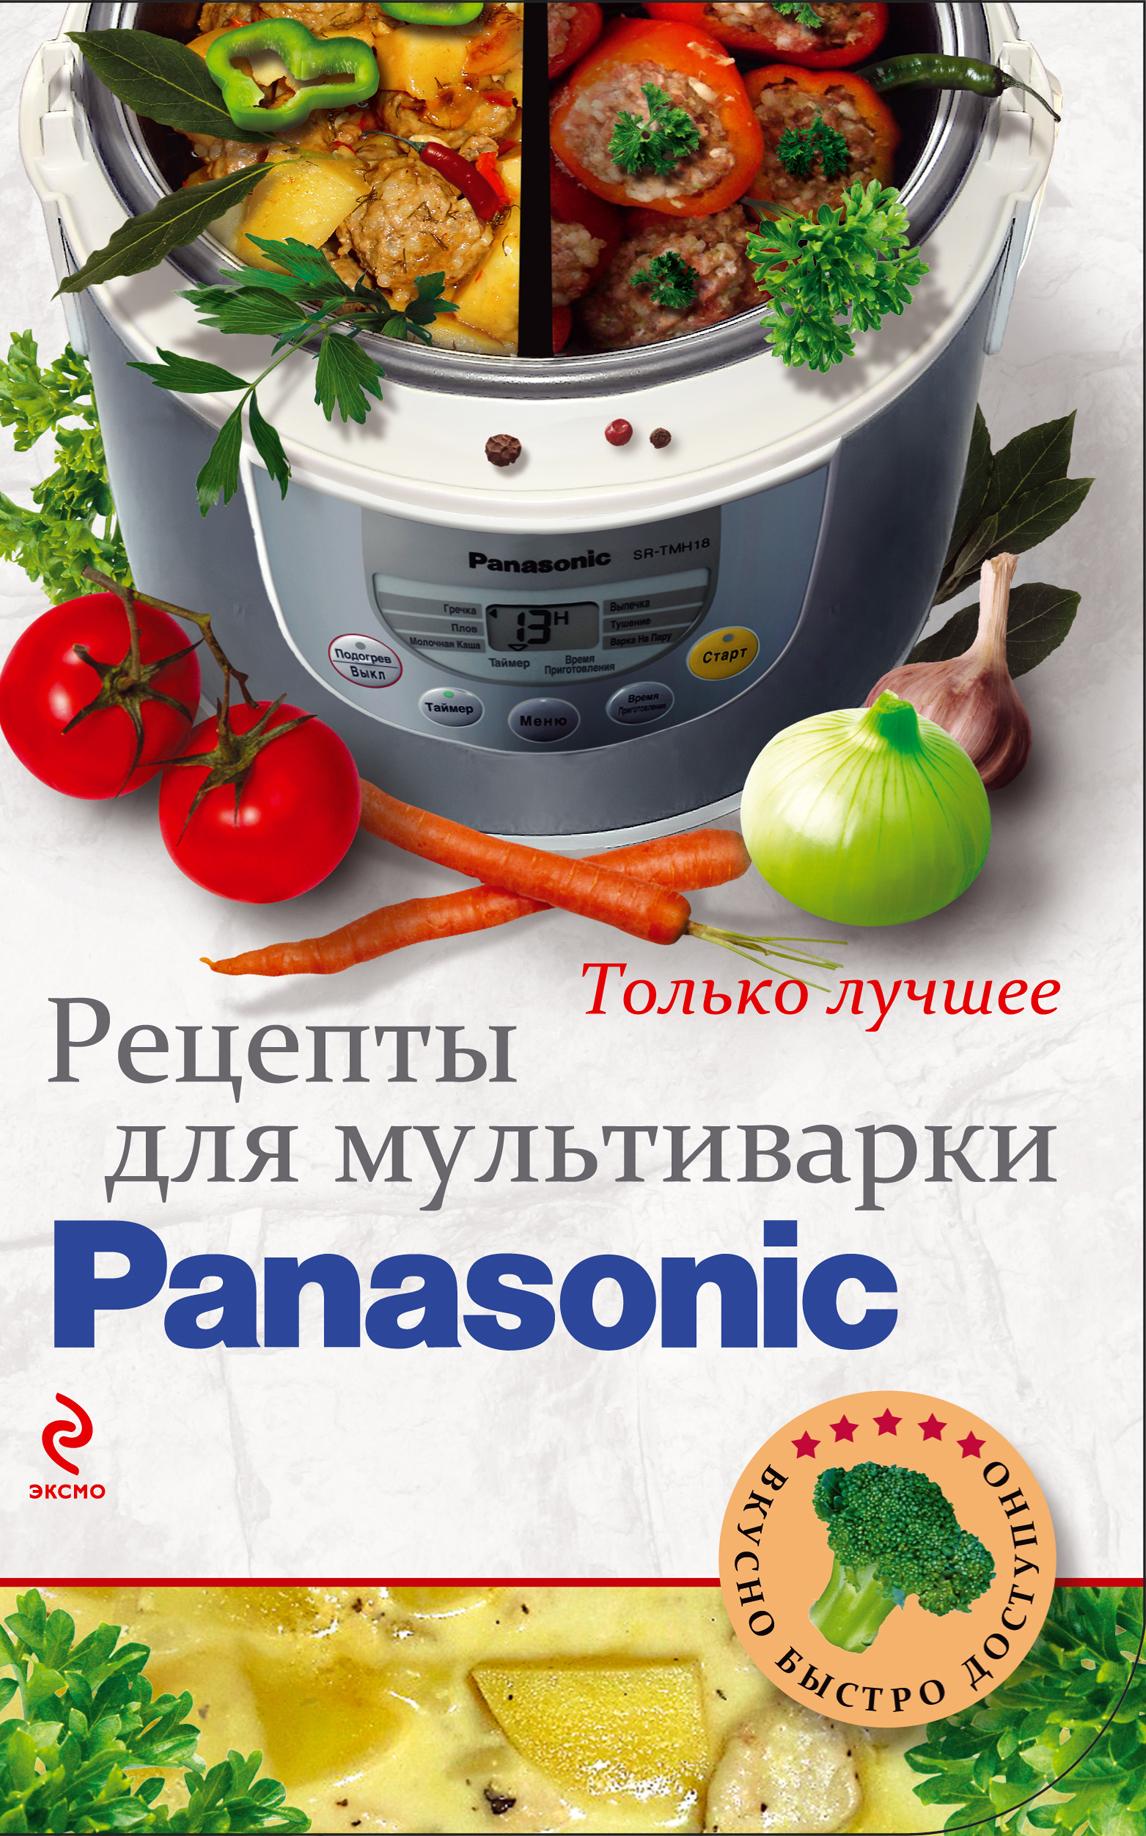 Рецепты для мультиварки Panasonic ильичева с ред рецепты для яркого праздника яркие вкусы свежие решения доступно быстро просто